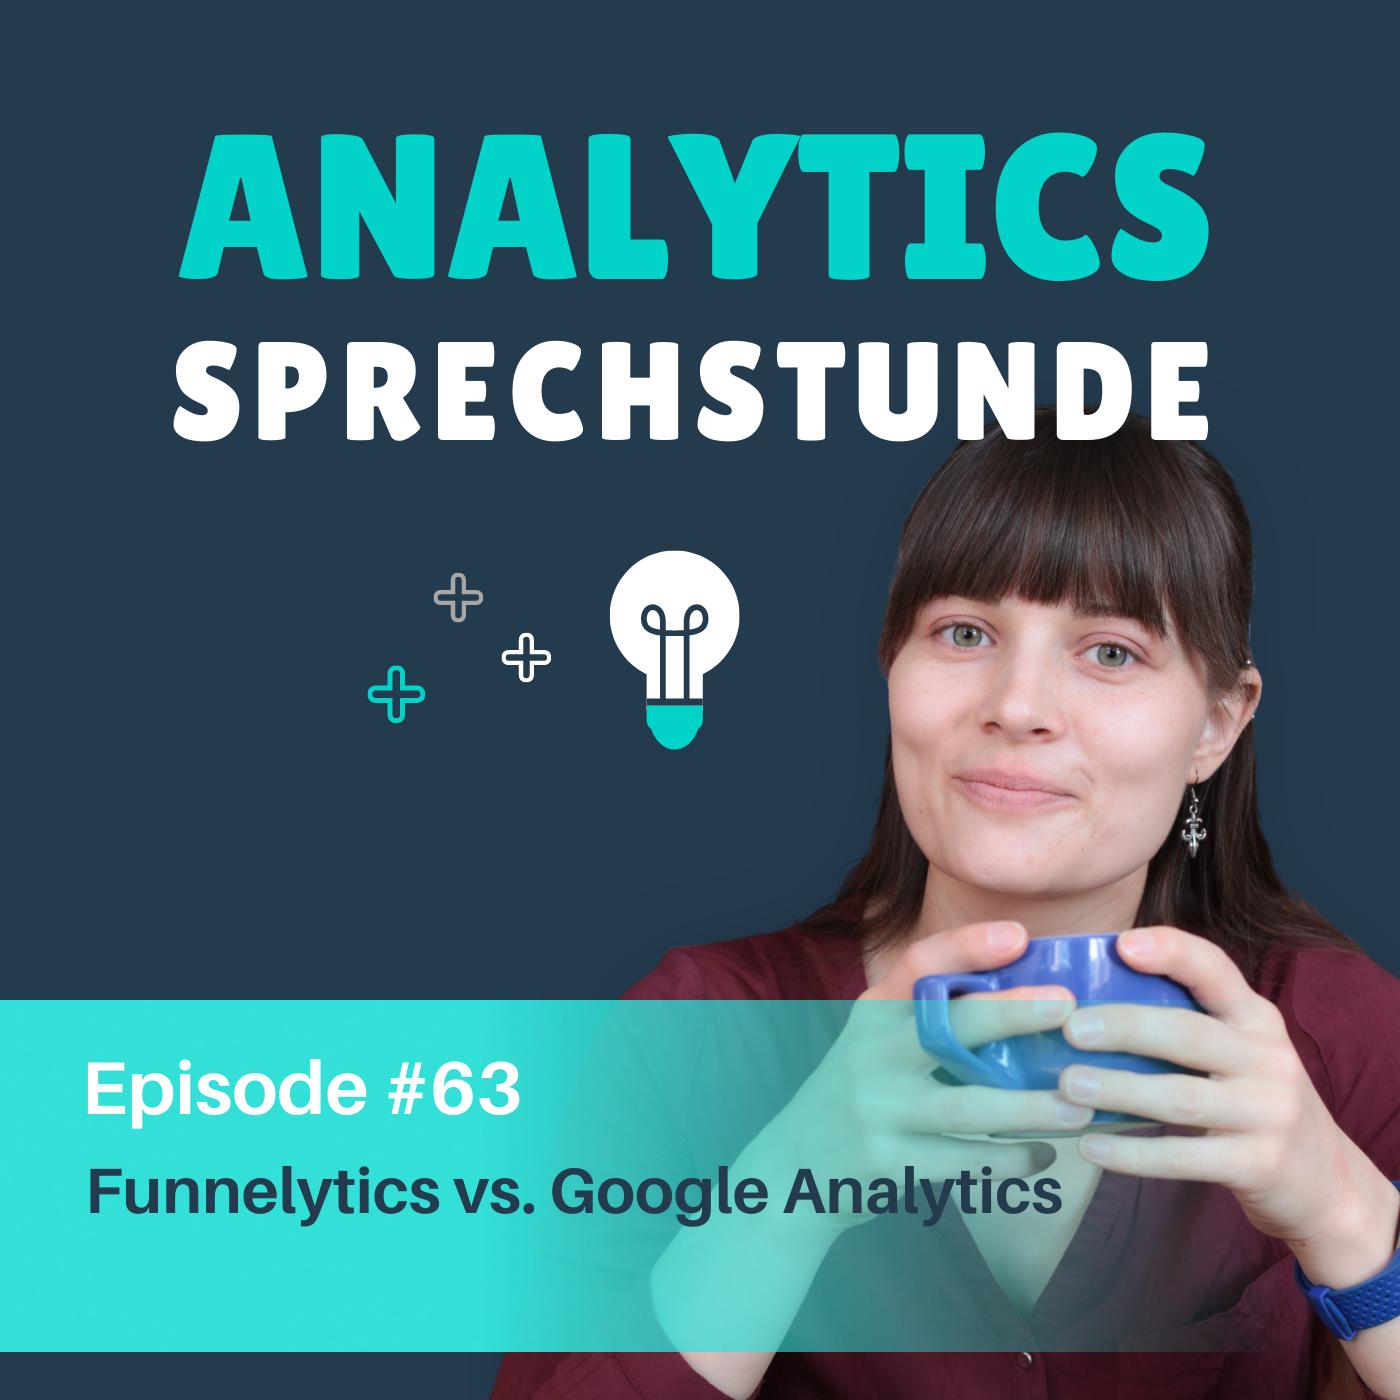 63 Funnelytics vs. Google Analytics